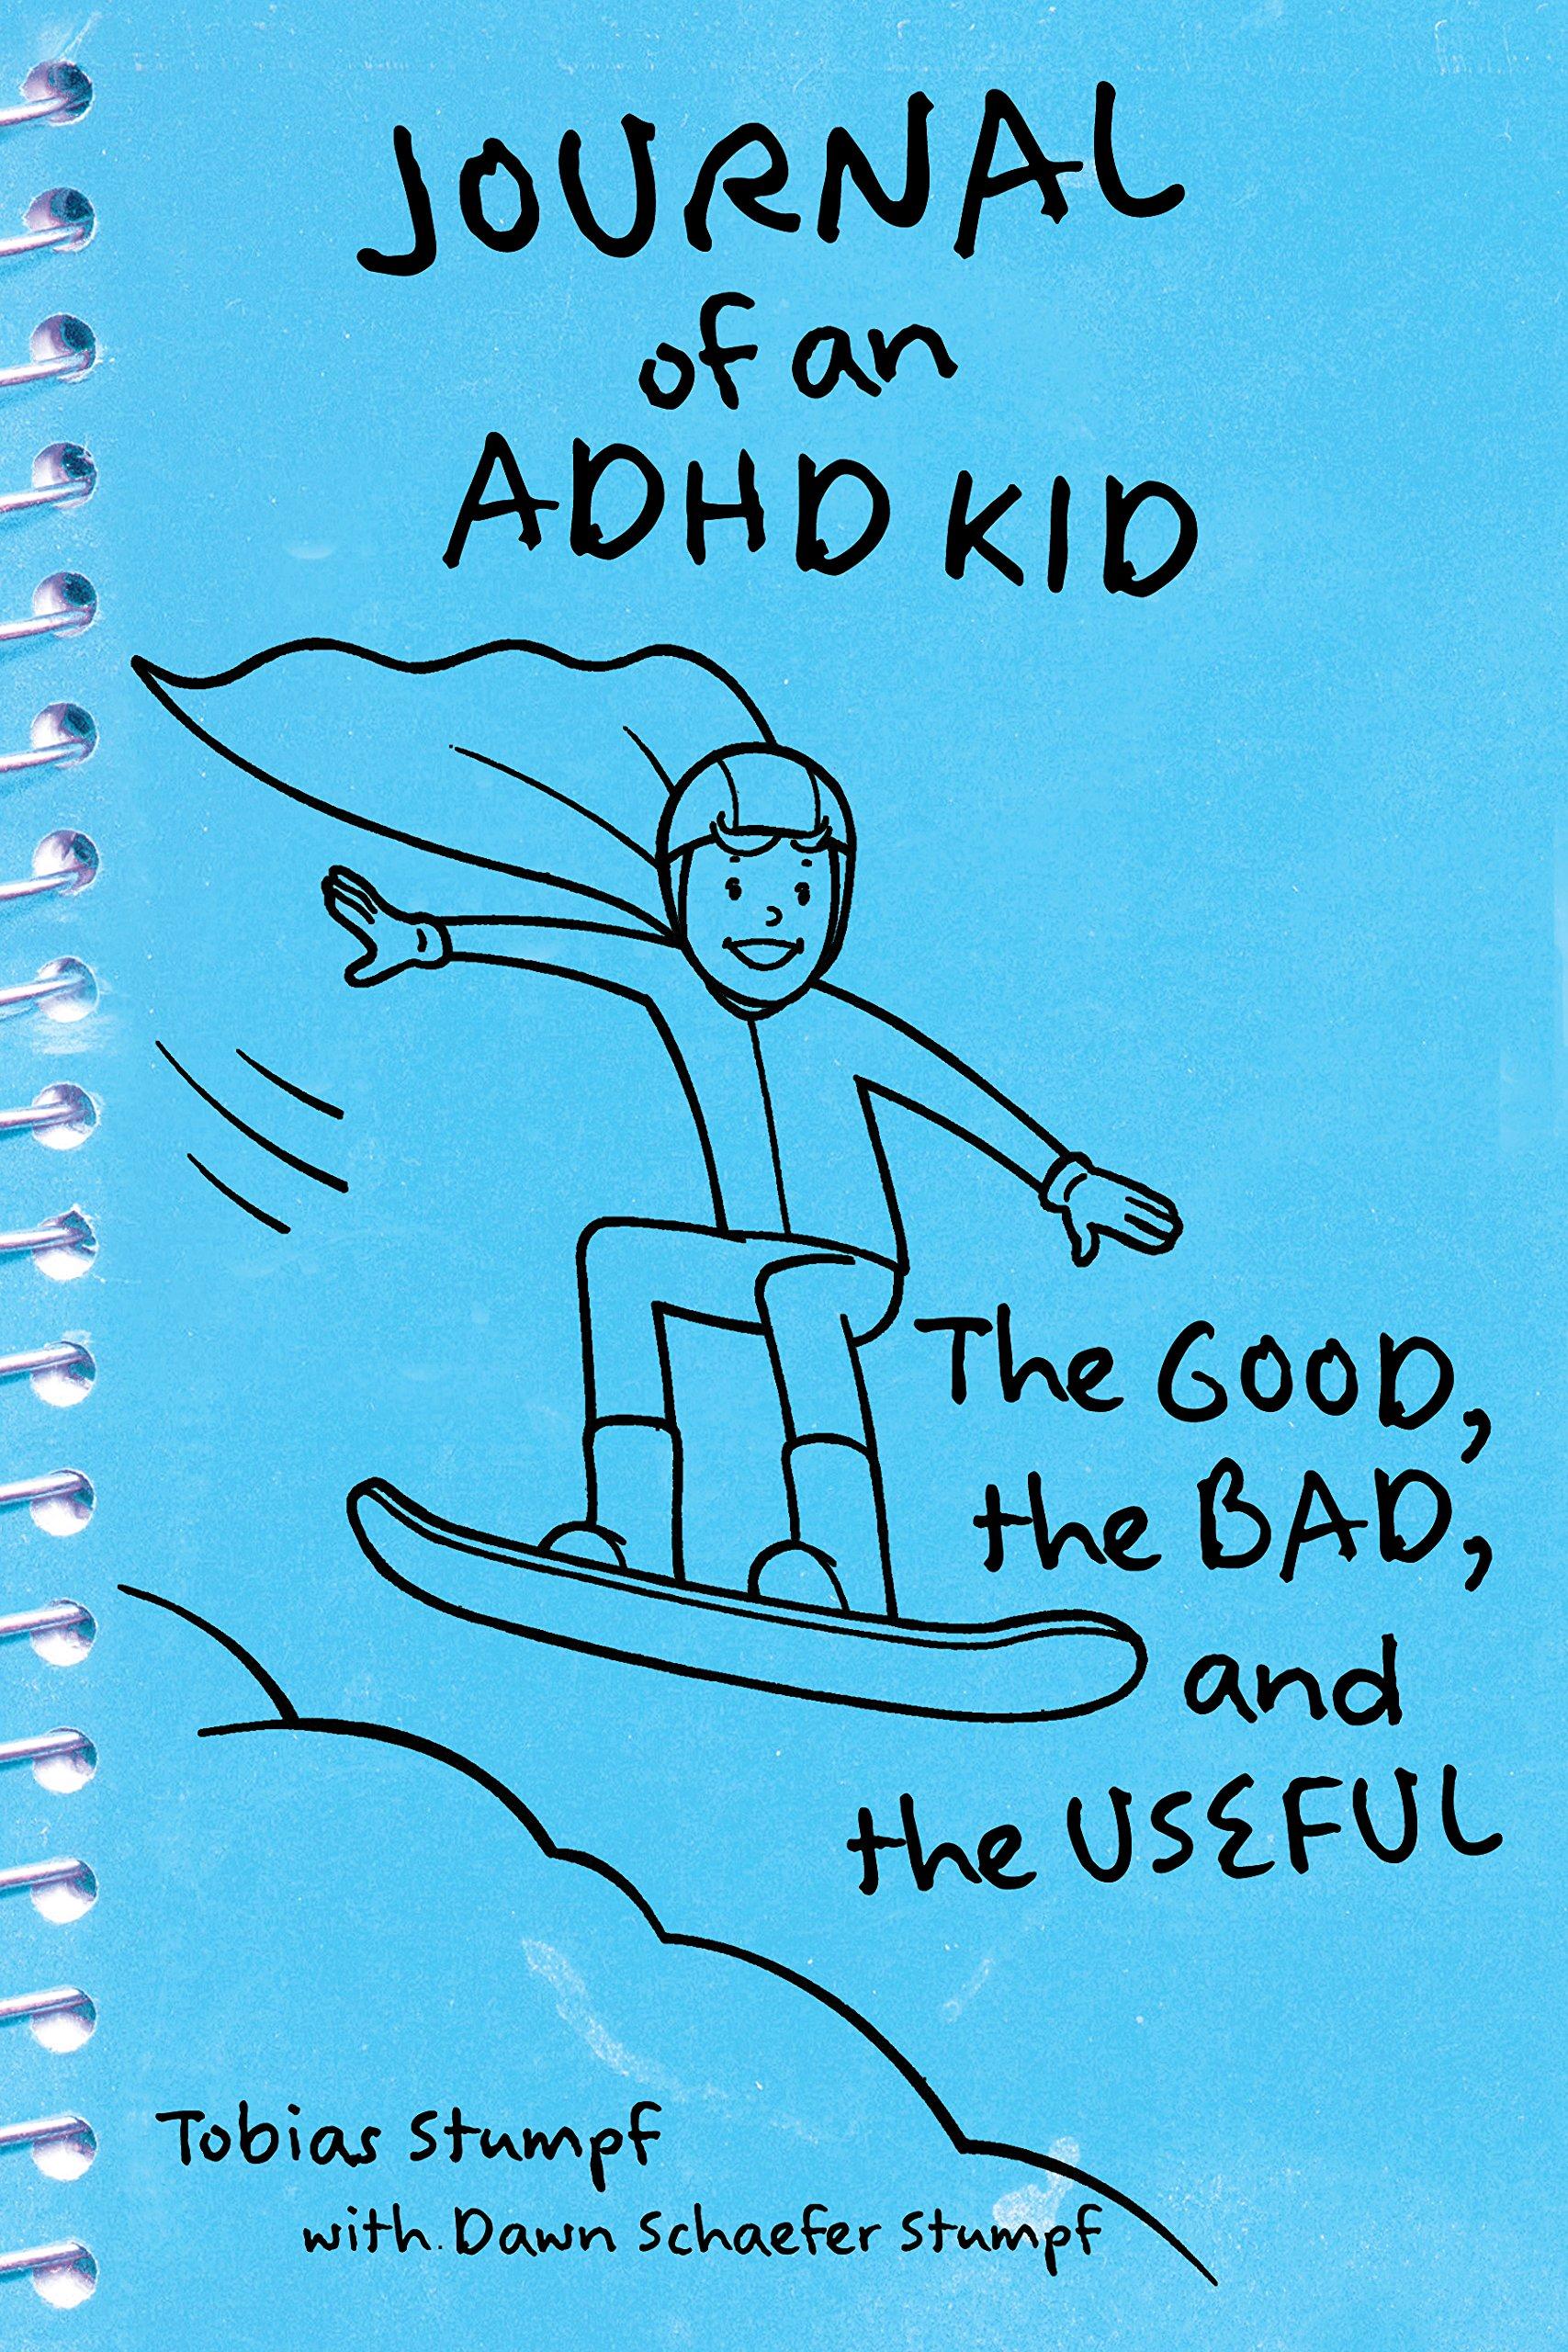 Journal of an ADHD Kid: The Good, the Bad & the Useful: Amazon.es: Tobias Stumpf: Libros en idiomas extranjeros